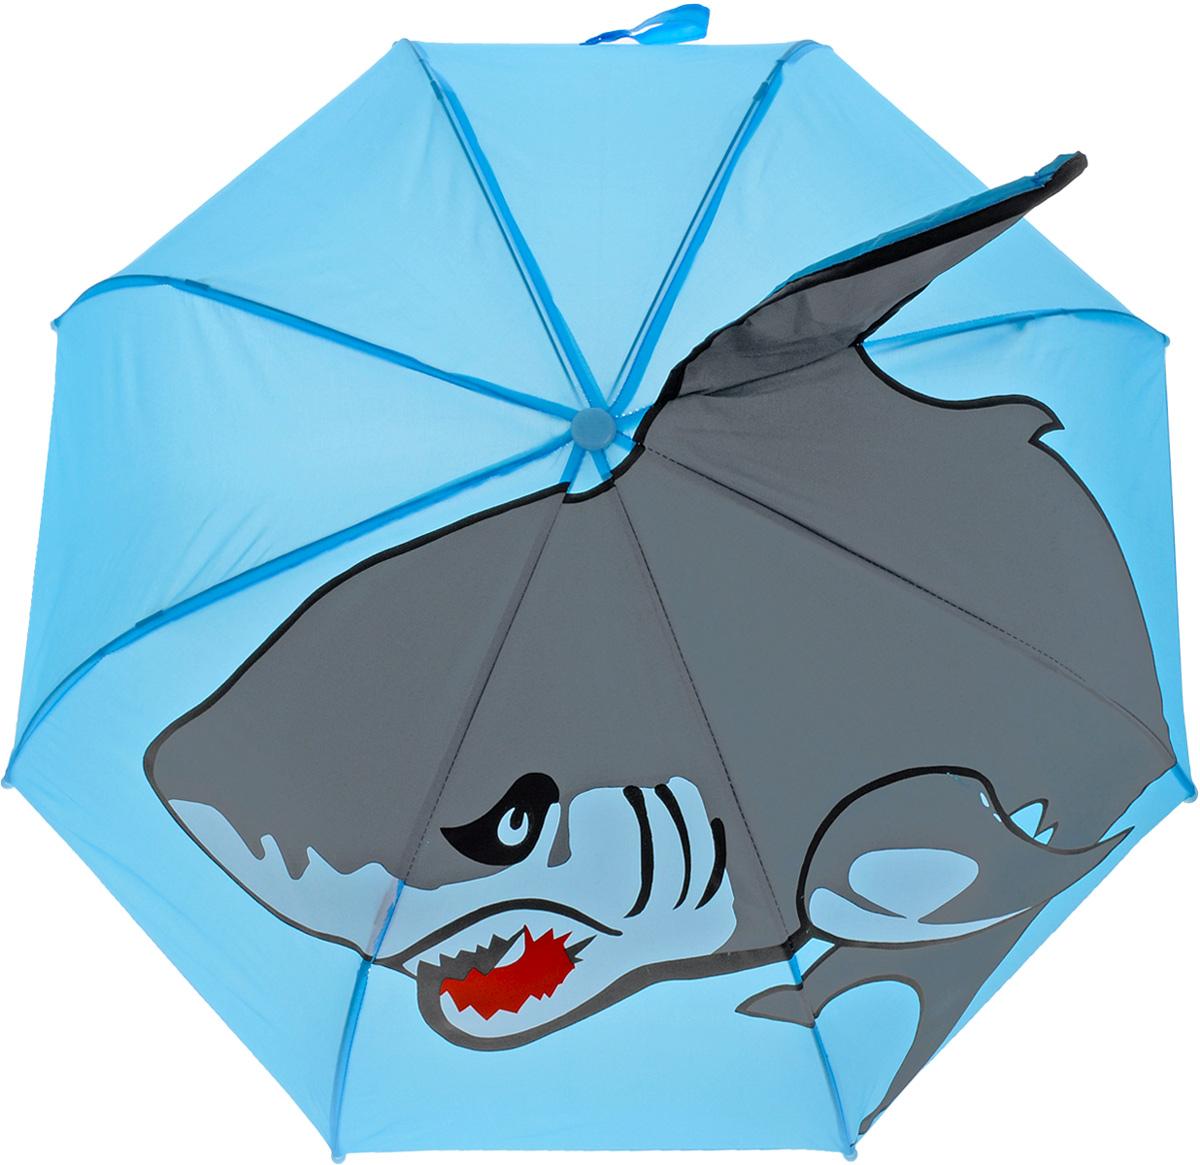 Mary Poppins Зонт-трость детский Акула53520Оригинальный и практичный детский зонт-трость Mary Poppins Акула будет отличным подарком для вашего ребенка. Зонт состоит из восьми спиц и стержня, выполненных из прочного, но легкого металла. Купол выполнен из качественной синтетической ткани с рисунком акулы и объемным плавником. Зонт дополнен удобной пластиковой ручкой в виде крючка. Изделие имеет механический способ сложения, купол открываются и закрываются вручную до характерного щелчка. Зонт закрывается хлястиком на липучку. Такой зонтик понравится как мальчикам, так и девочкам. Радиус купола - 46 см.